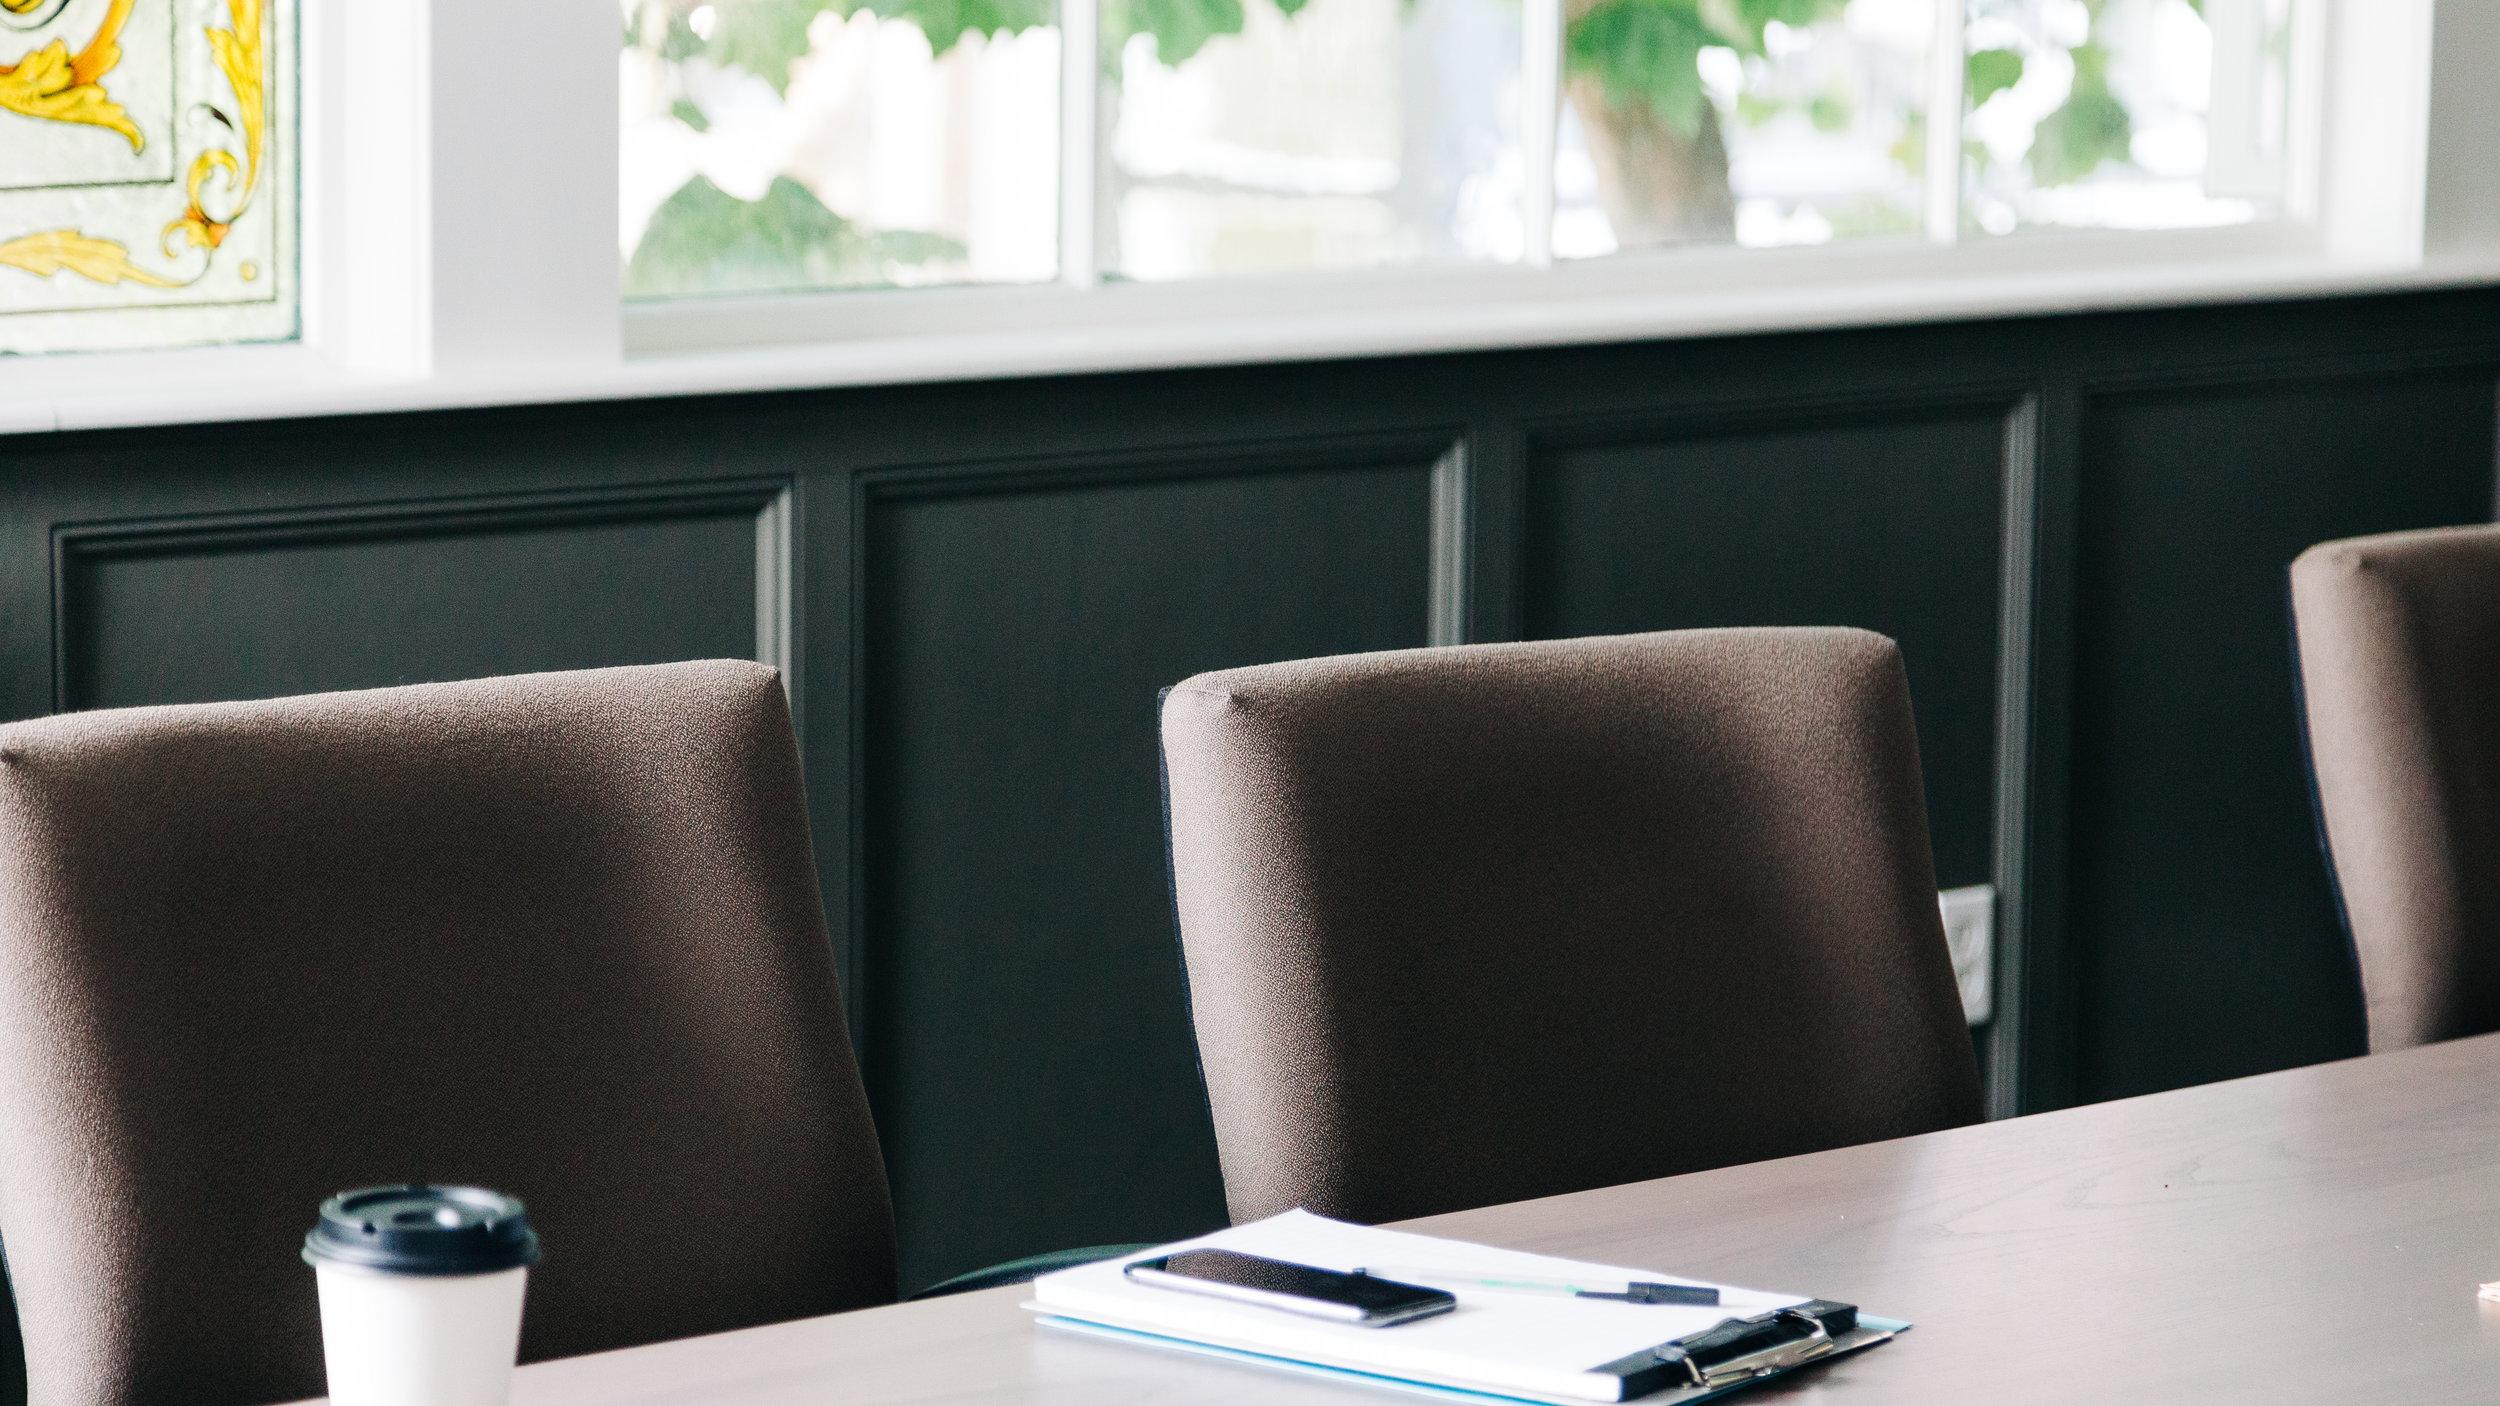 Copy of Meeting-1.jpg